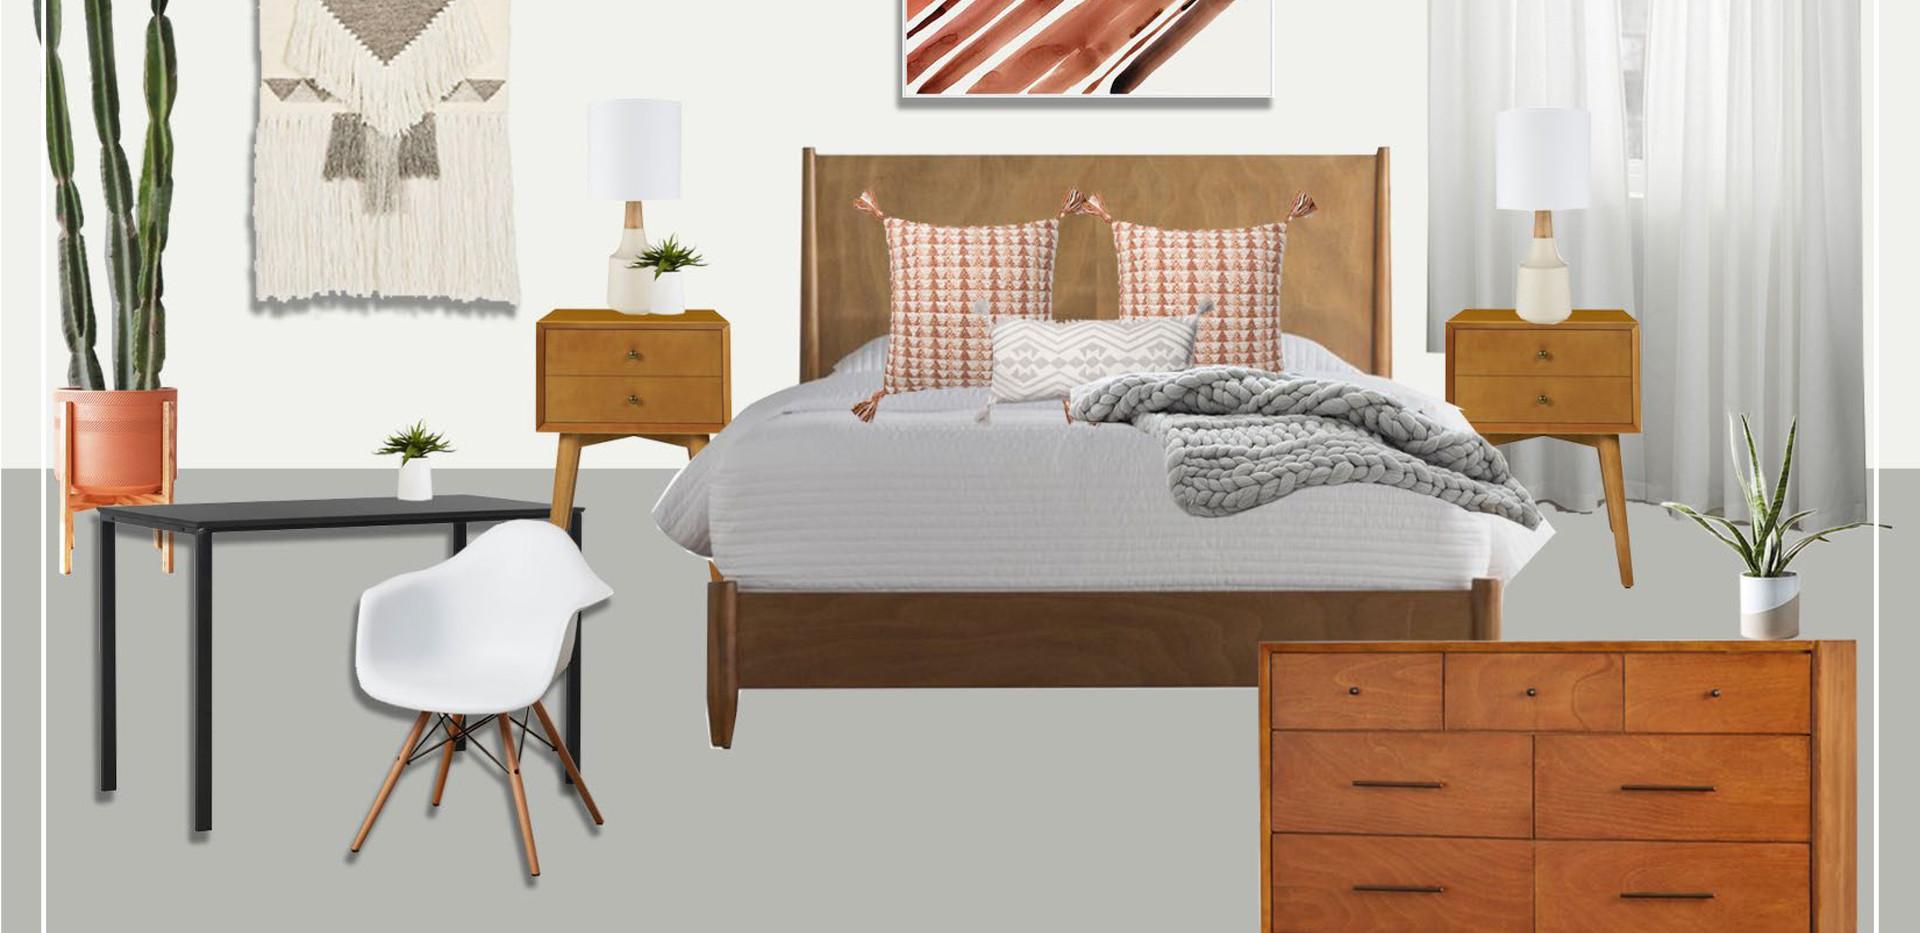 Bedroom A | Original Concept Collage